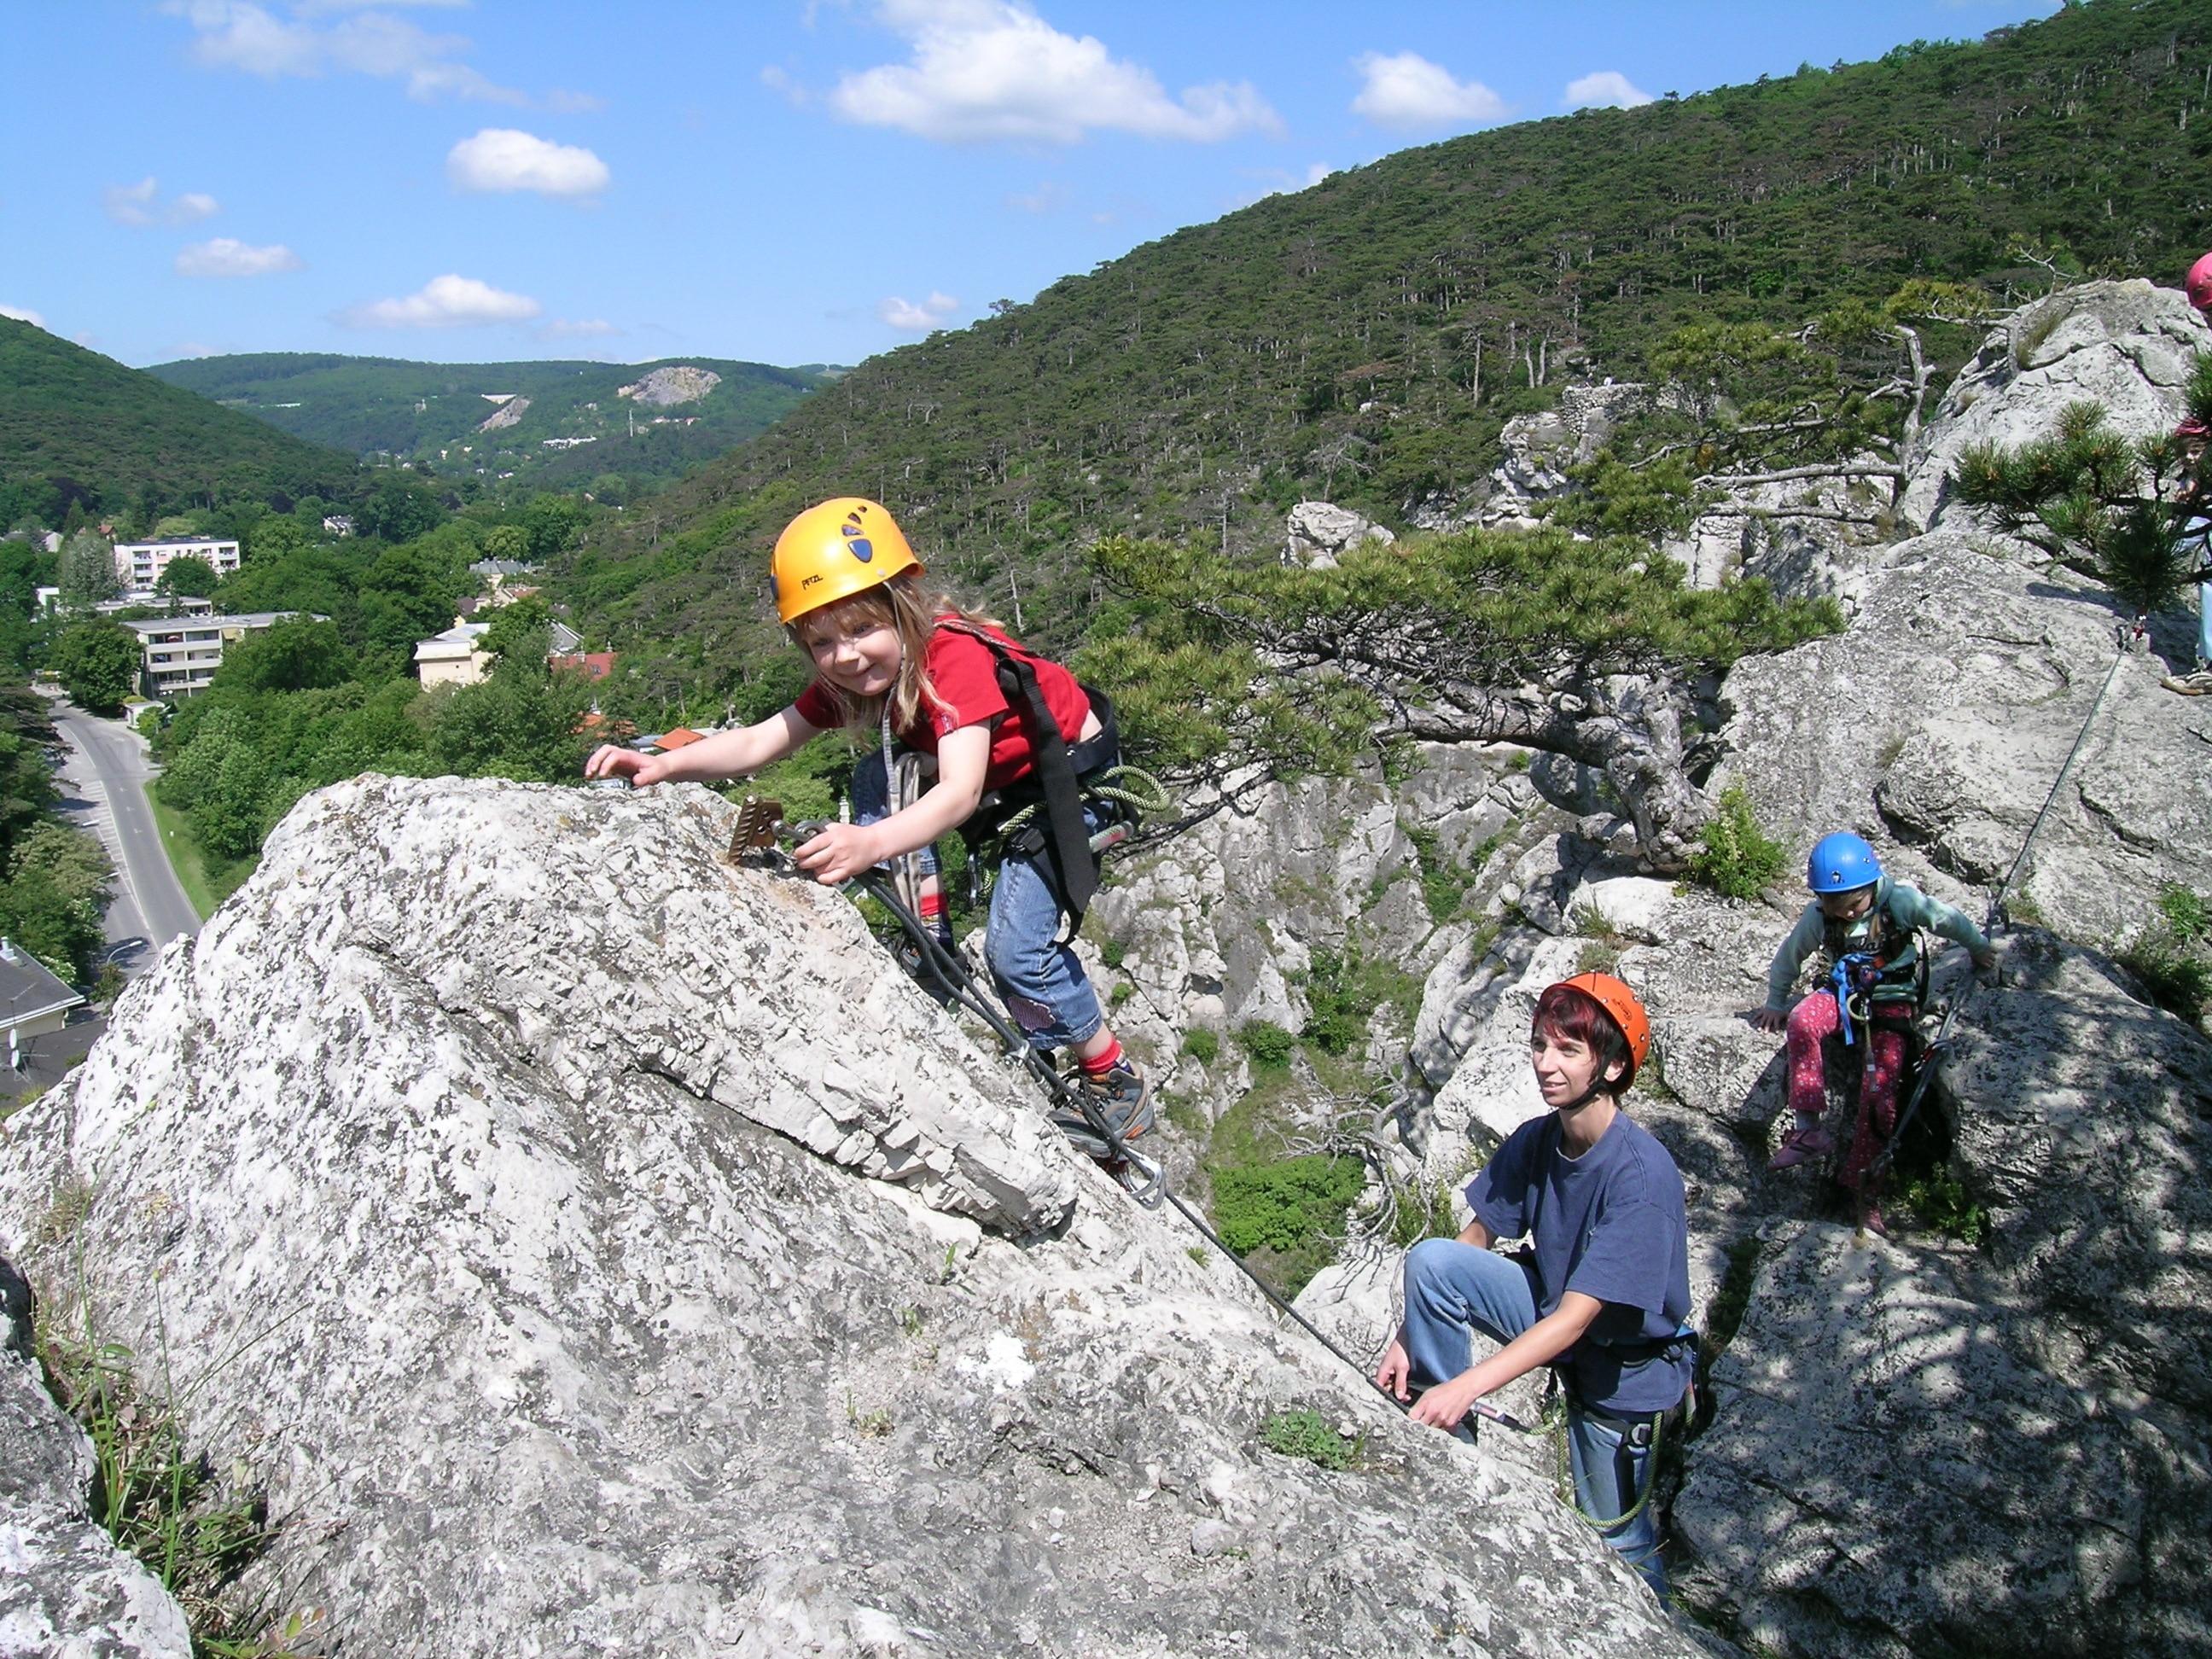 Mödlinger Klettersteig : Klettersteige mödlinger klettersteig km bergwelten